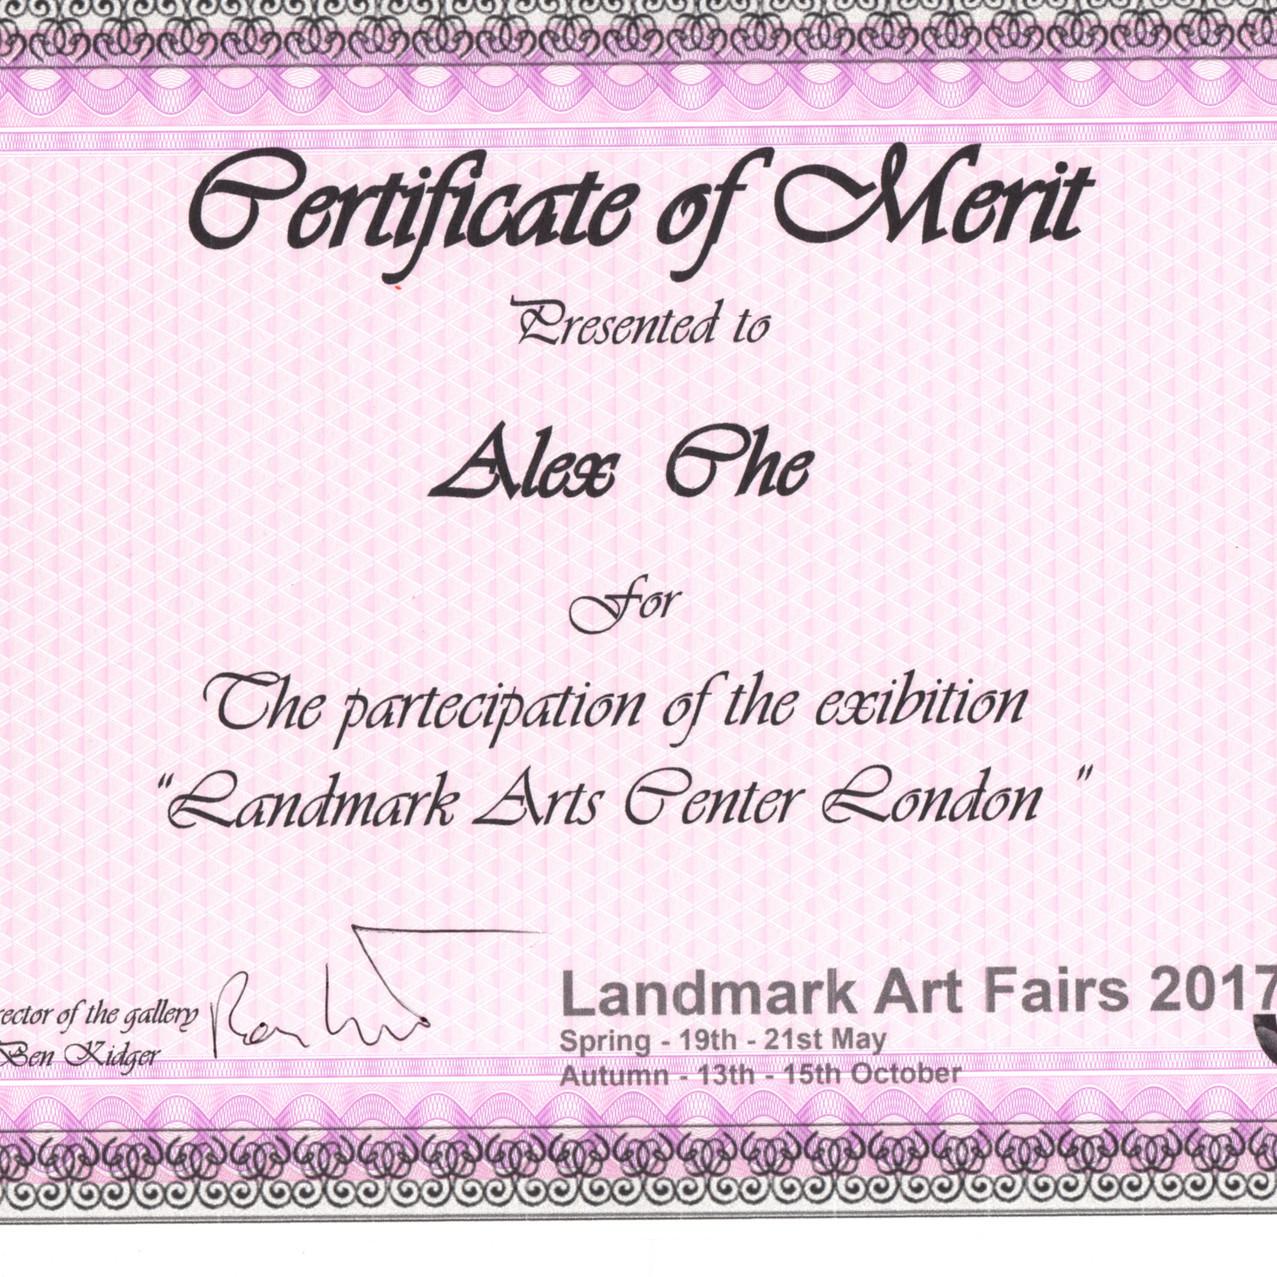 Art Fairs 2017 London